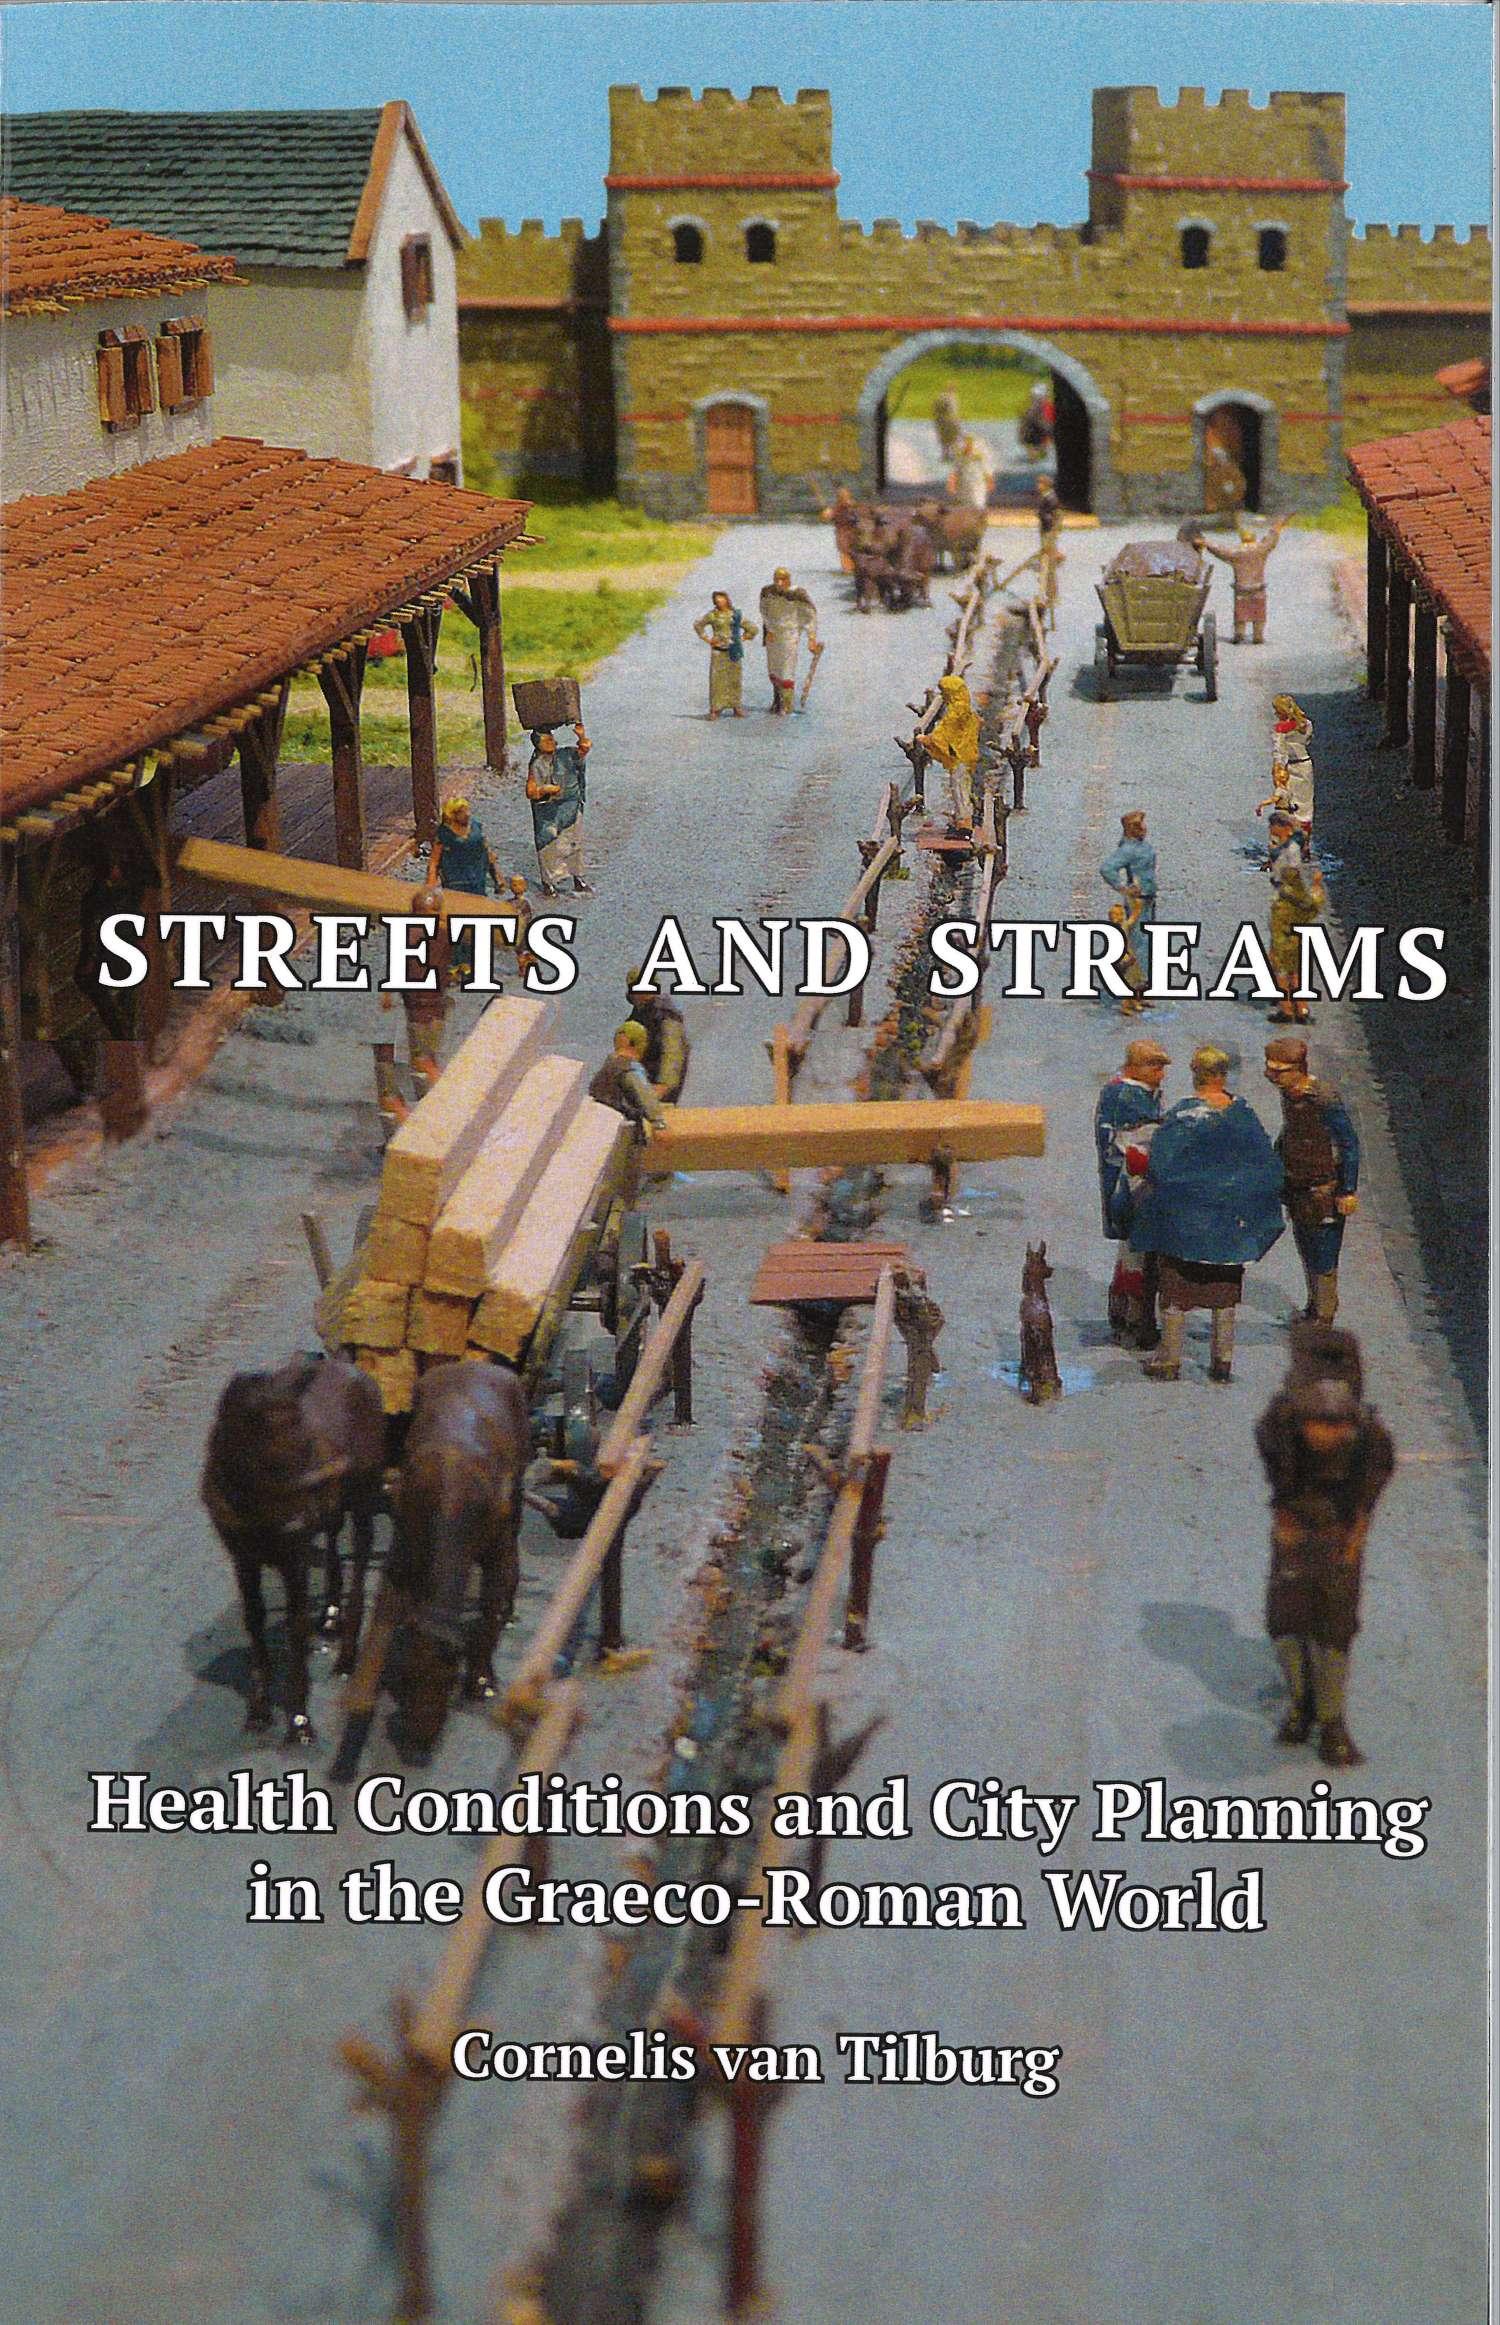 Streets and Streams kleiner.jpg